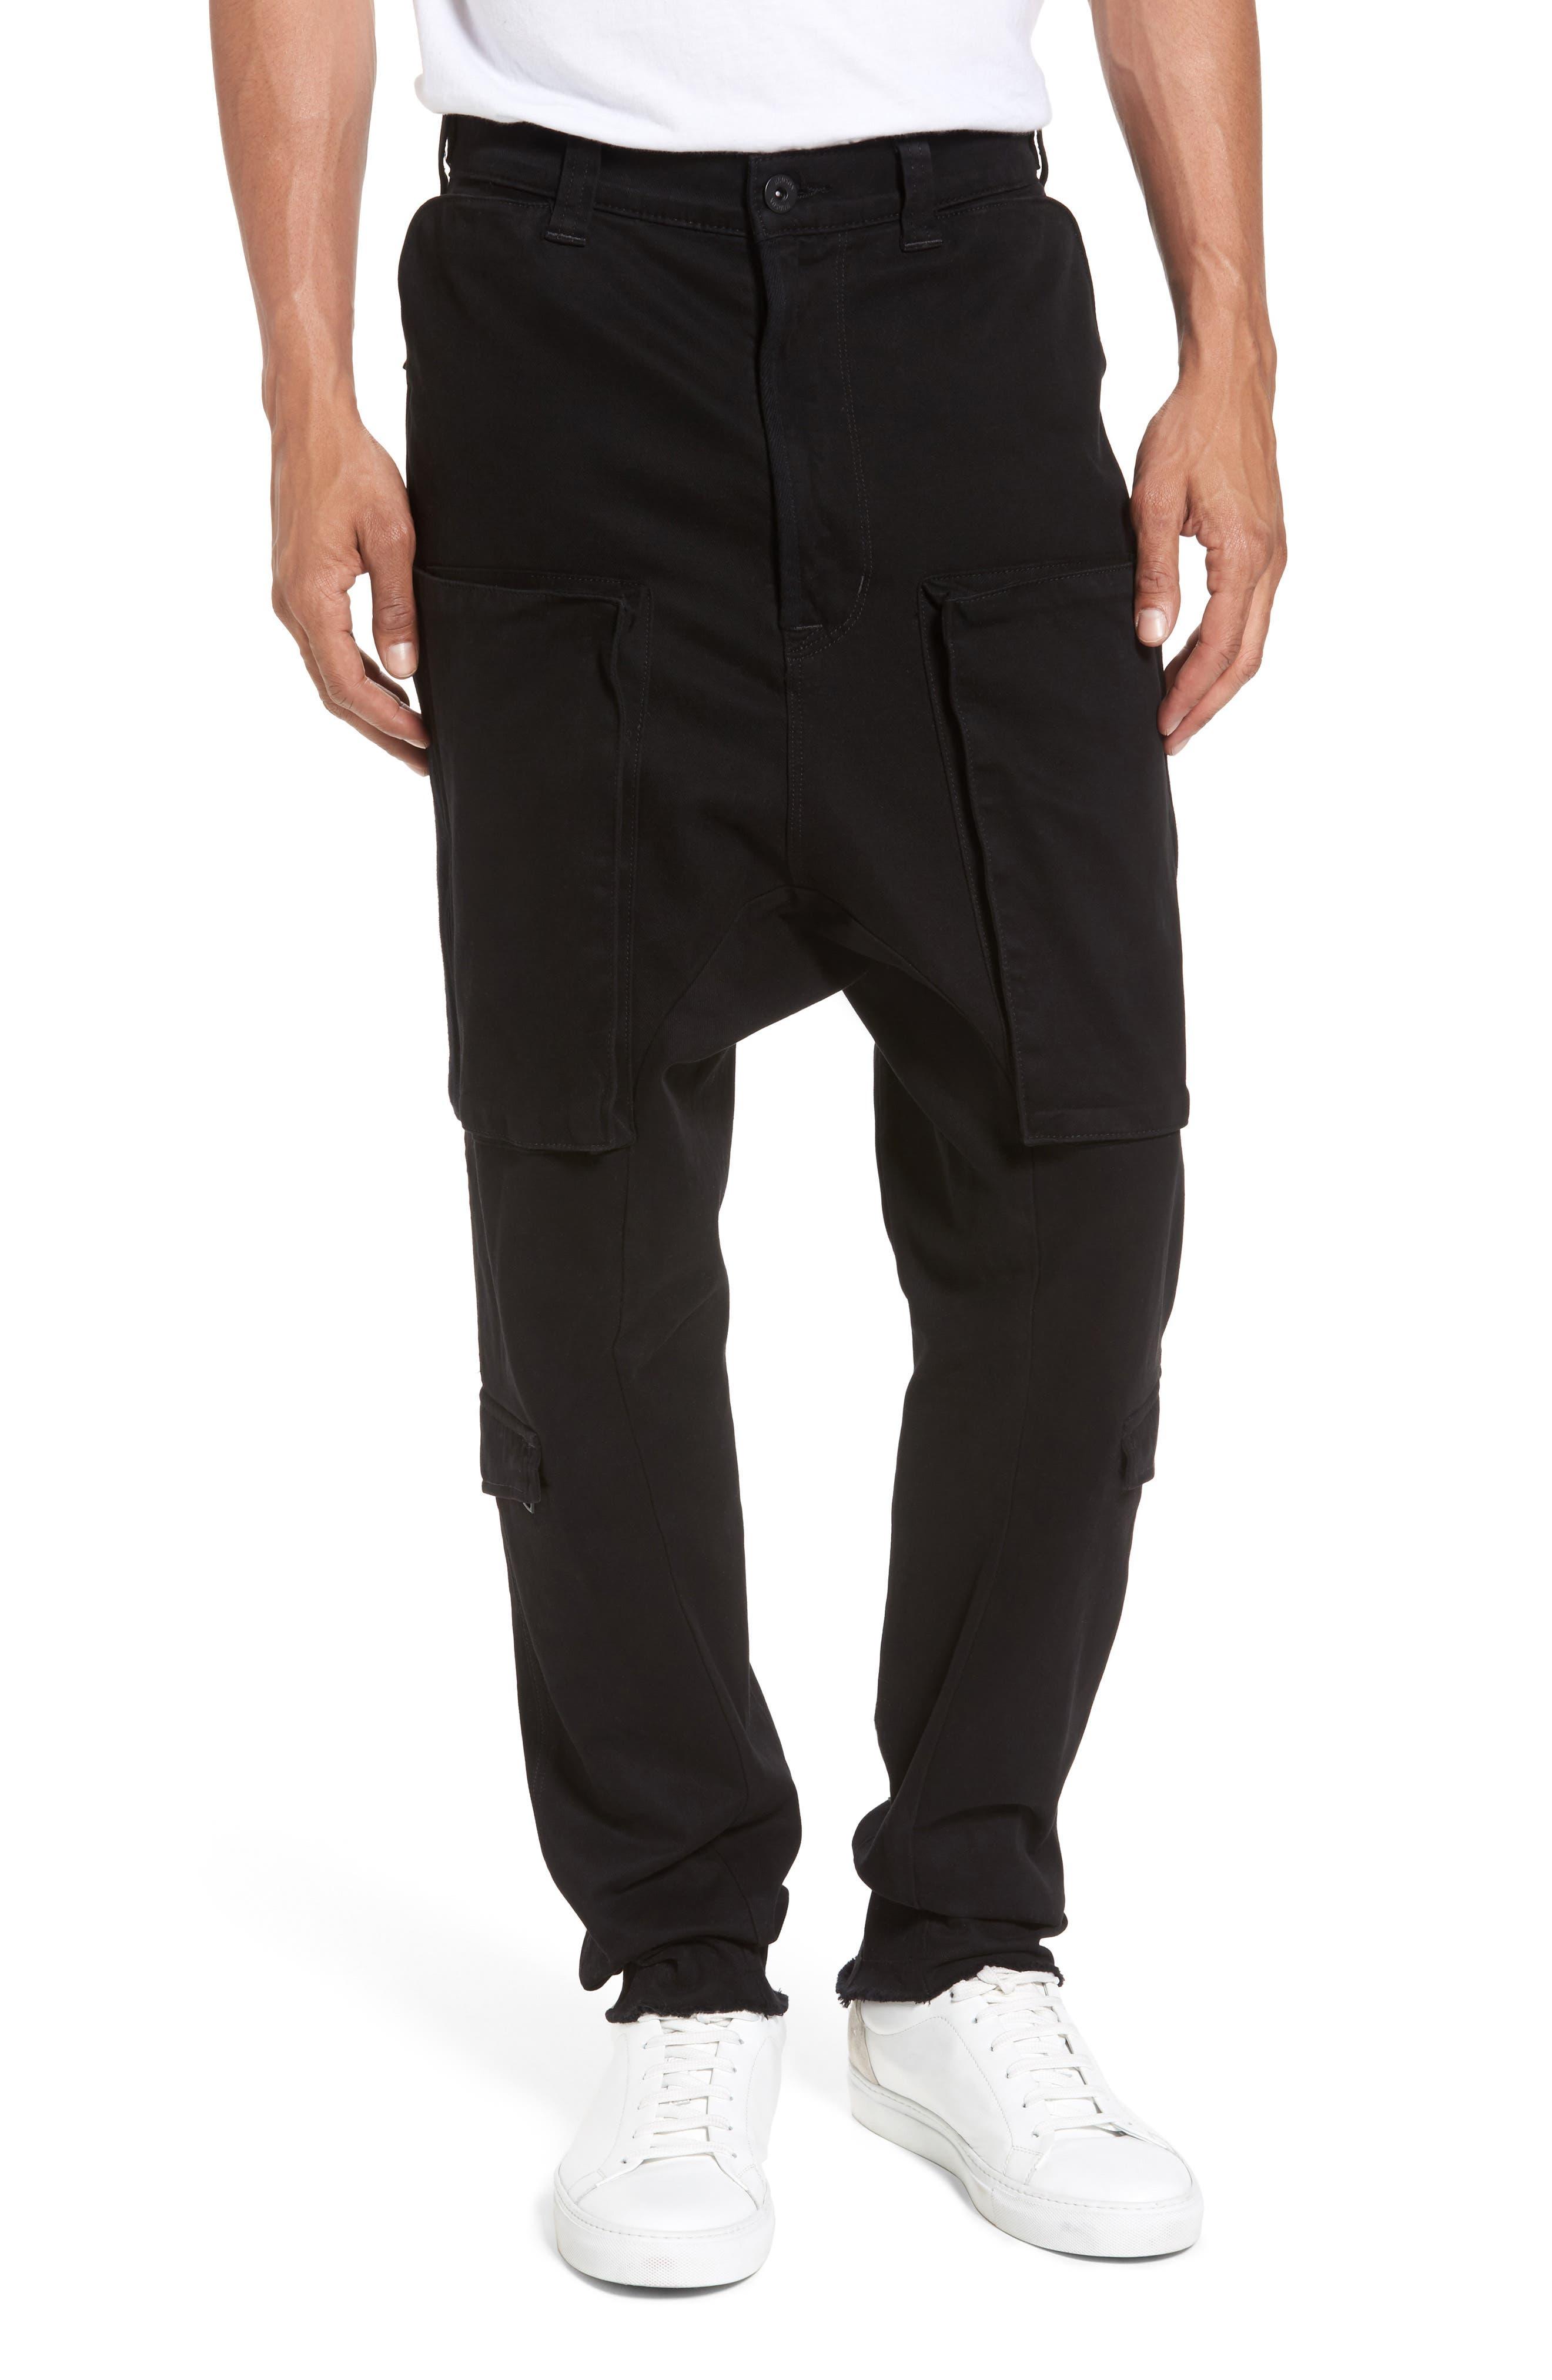 Quint Slouchy Leg Cargo Pants,                         Main,                         color, 001